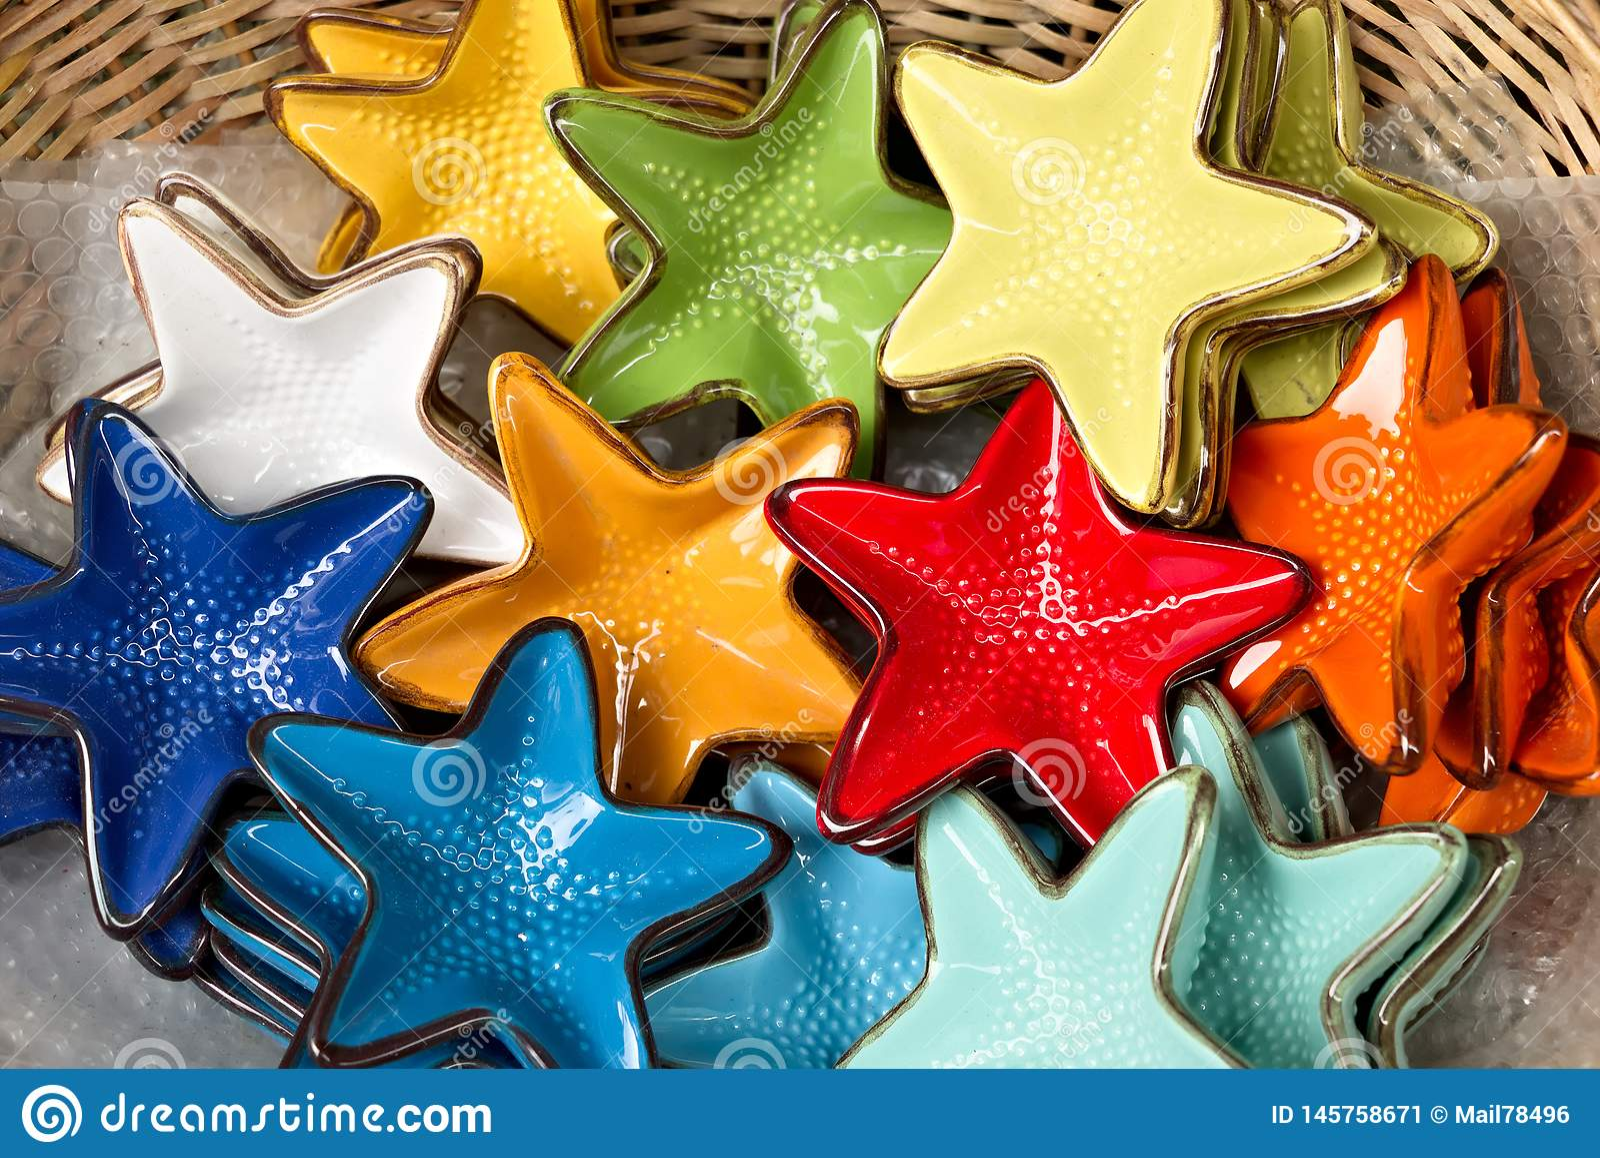 Corniglia, Cinque Terre Decorazioni ceramiche fatte a mano che rappresentano le stelle di mare colorate